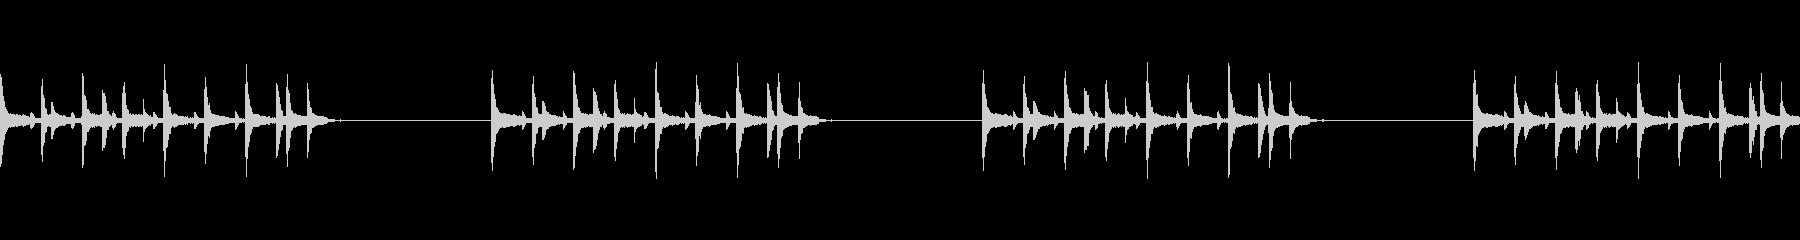 和風のドラムLOOPですの未再生の波形